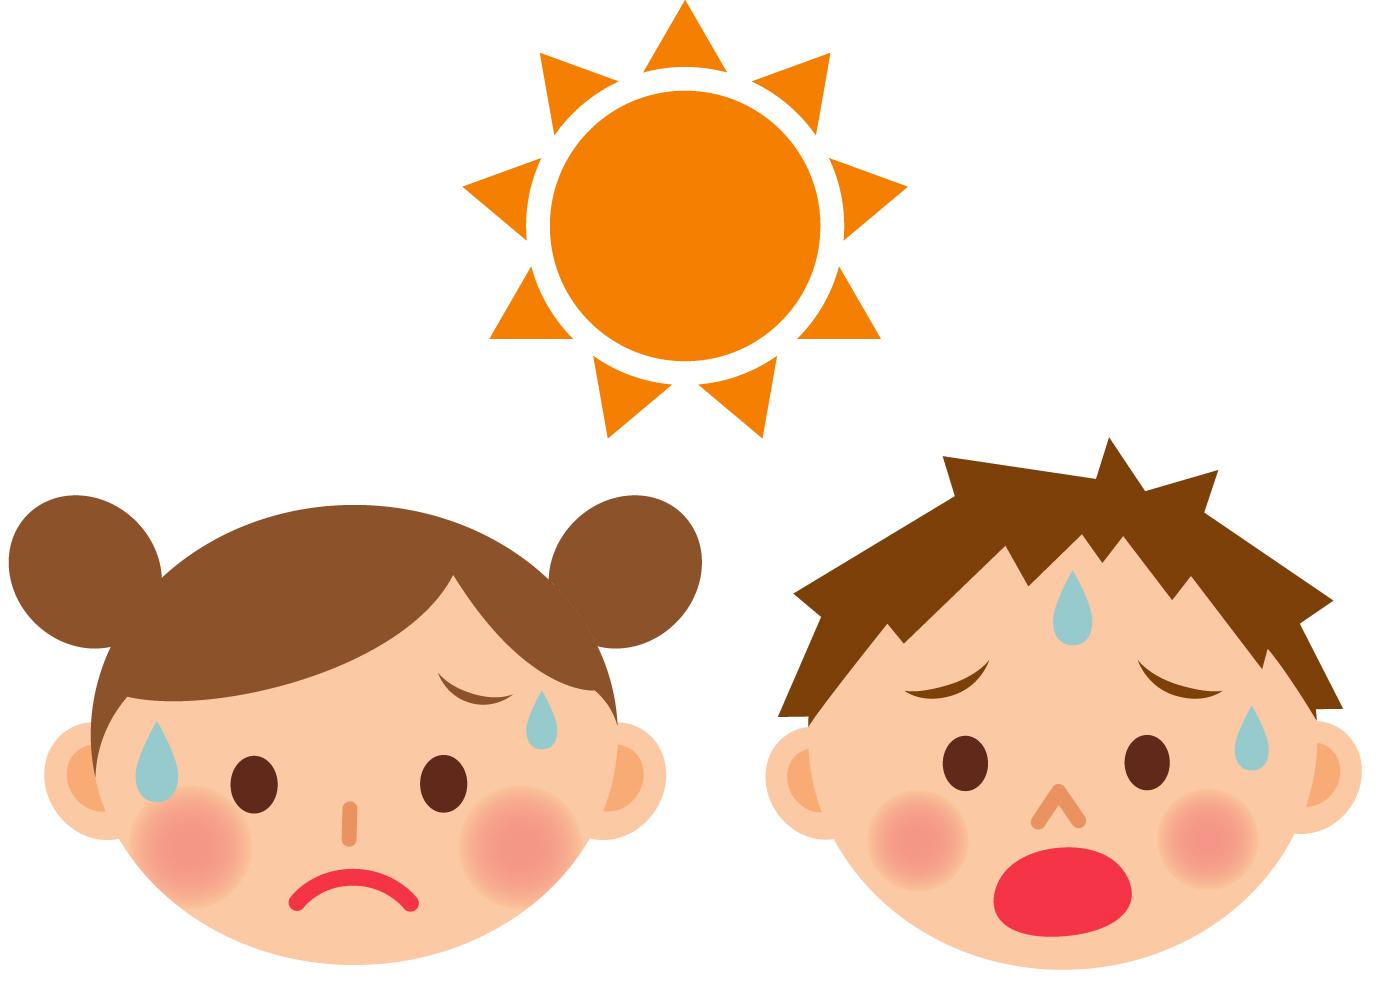 【注意】子どもは熱中症になりやすい?!ママが注意すべき4つの予防法